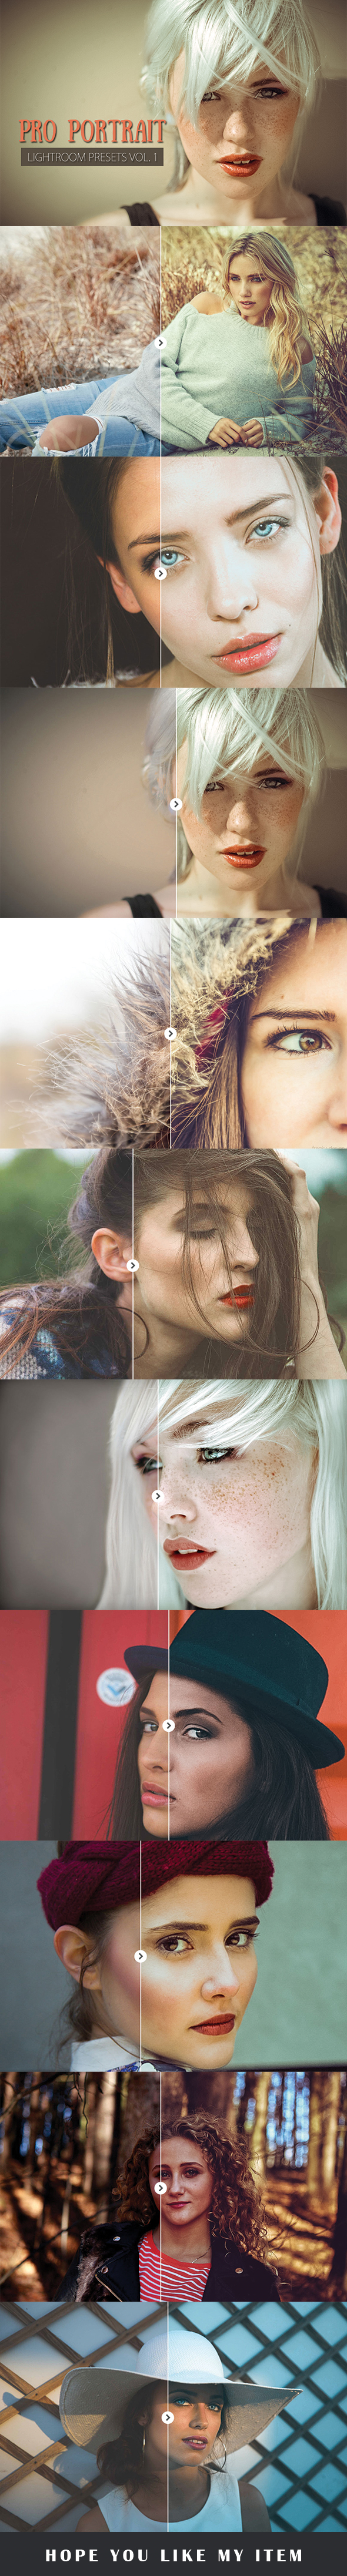 10 Portrait Lightroom Presets Ver. 1 - Lightroom Presets Add-ons